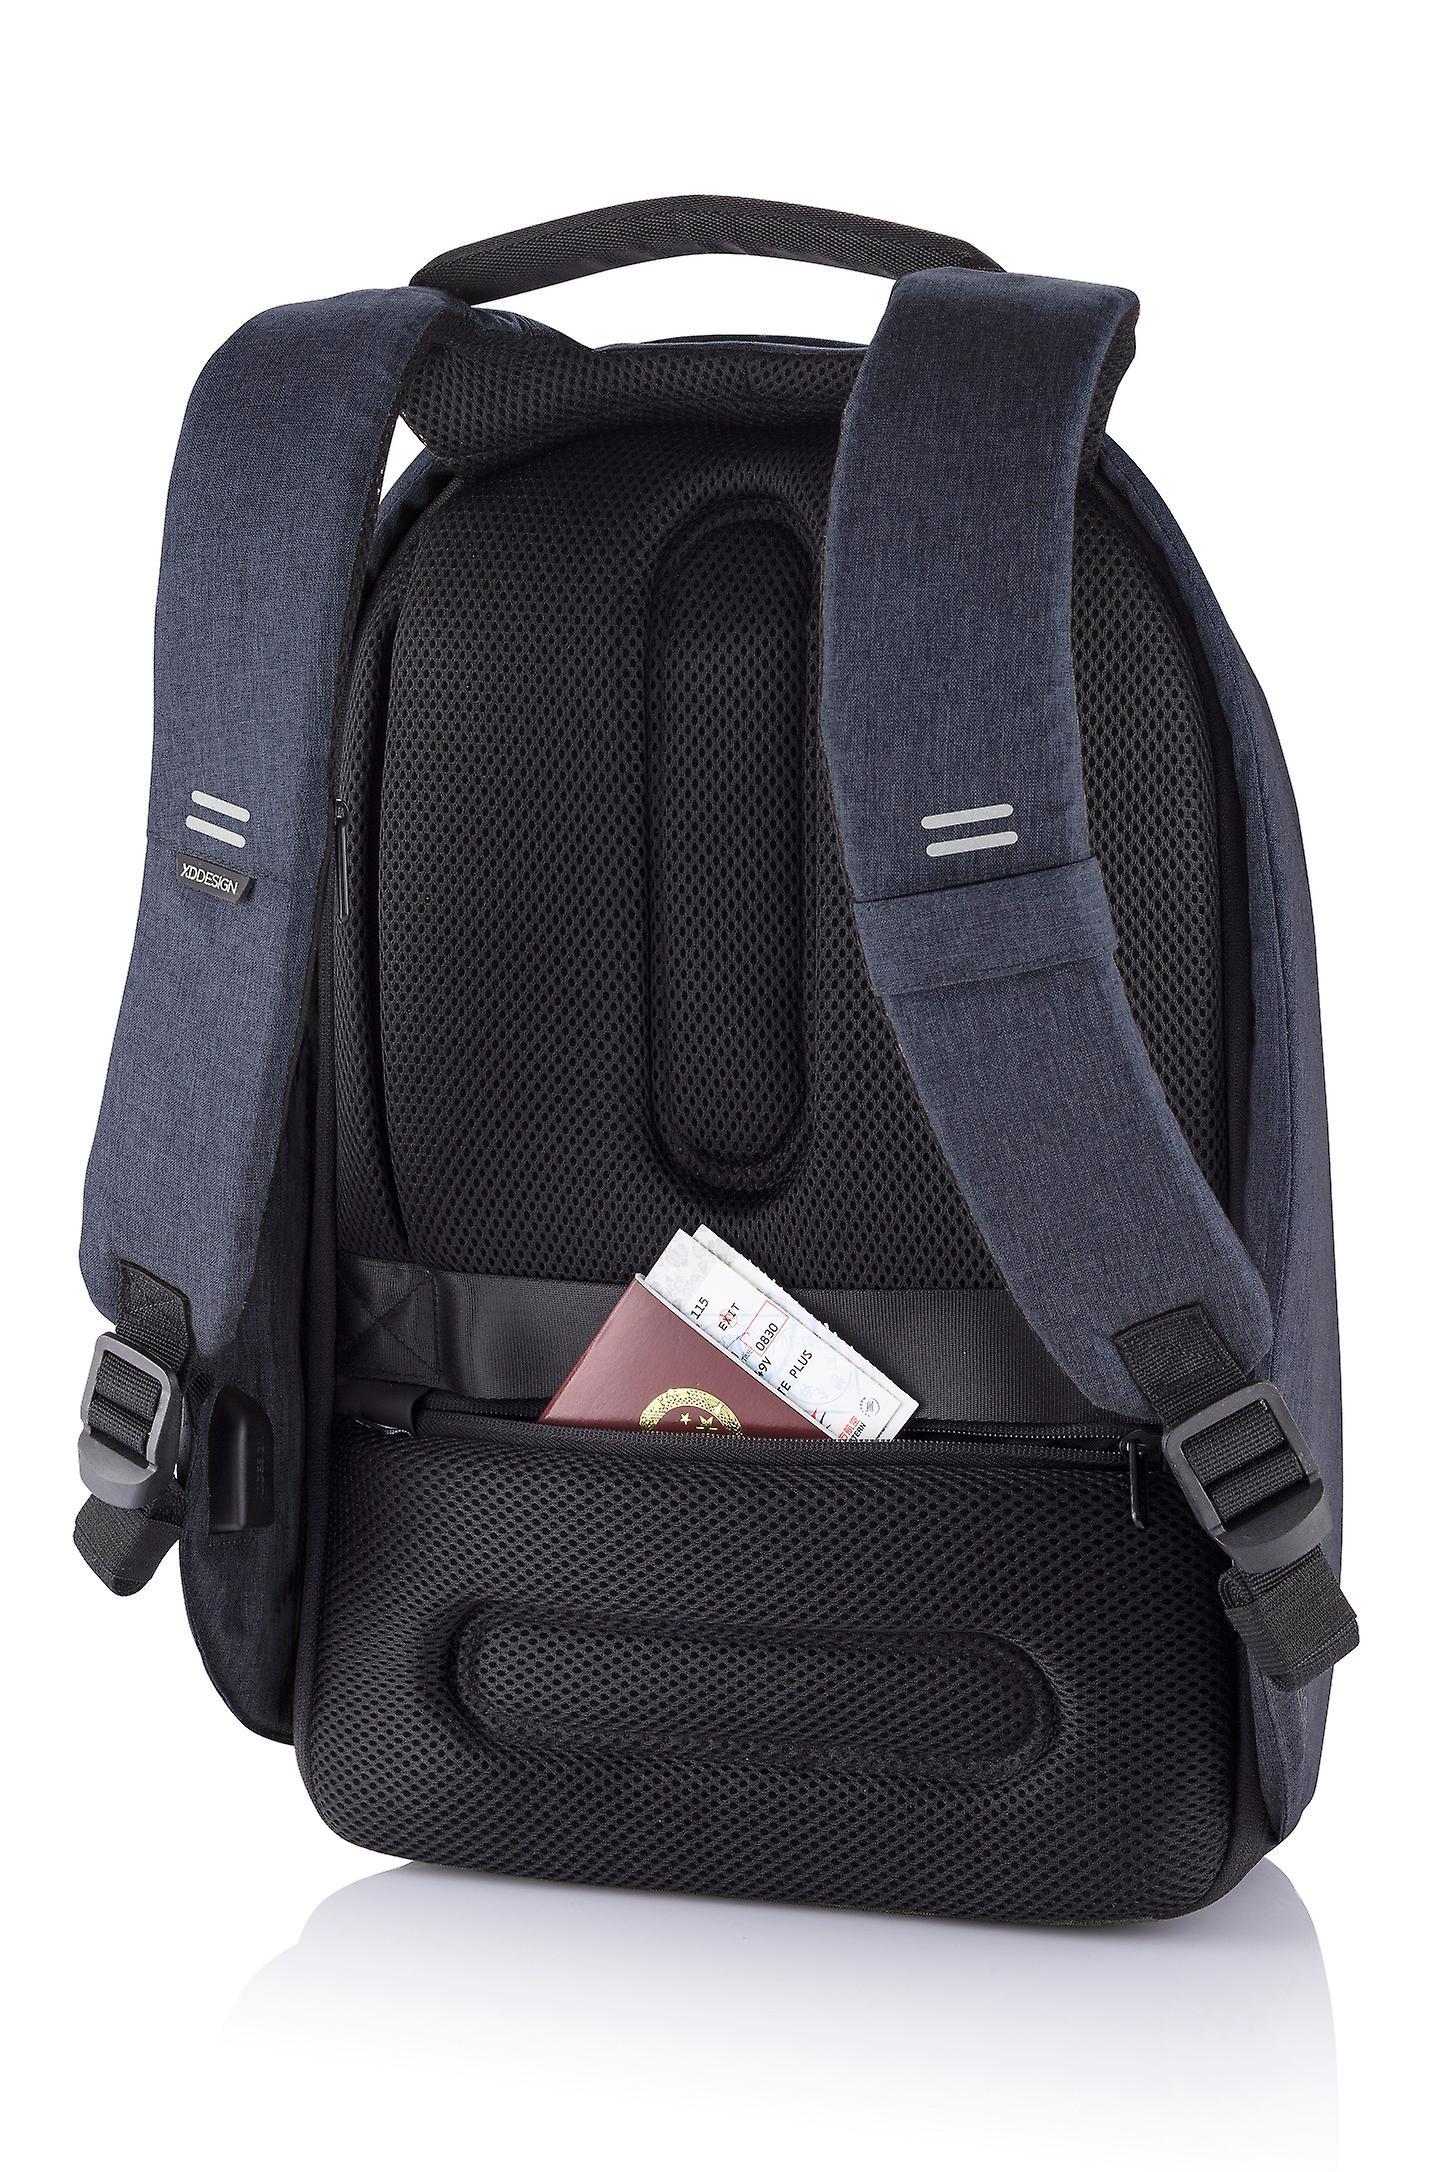 XD Design Bobby Hero kleine anti-diefstal rugzak USB (unisex)